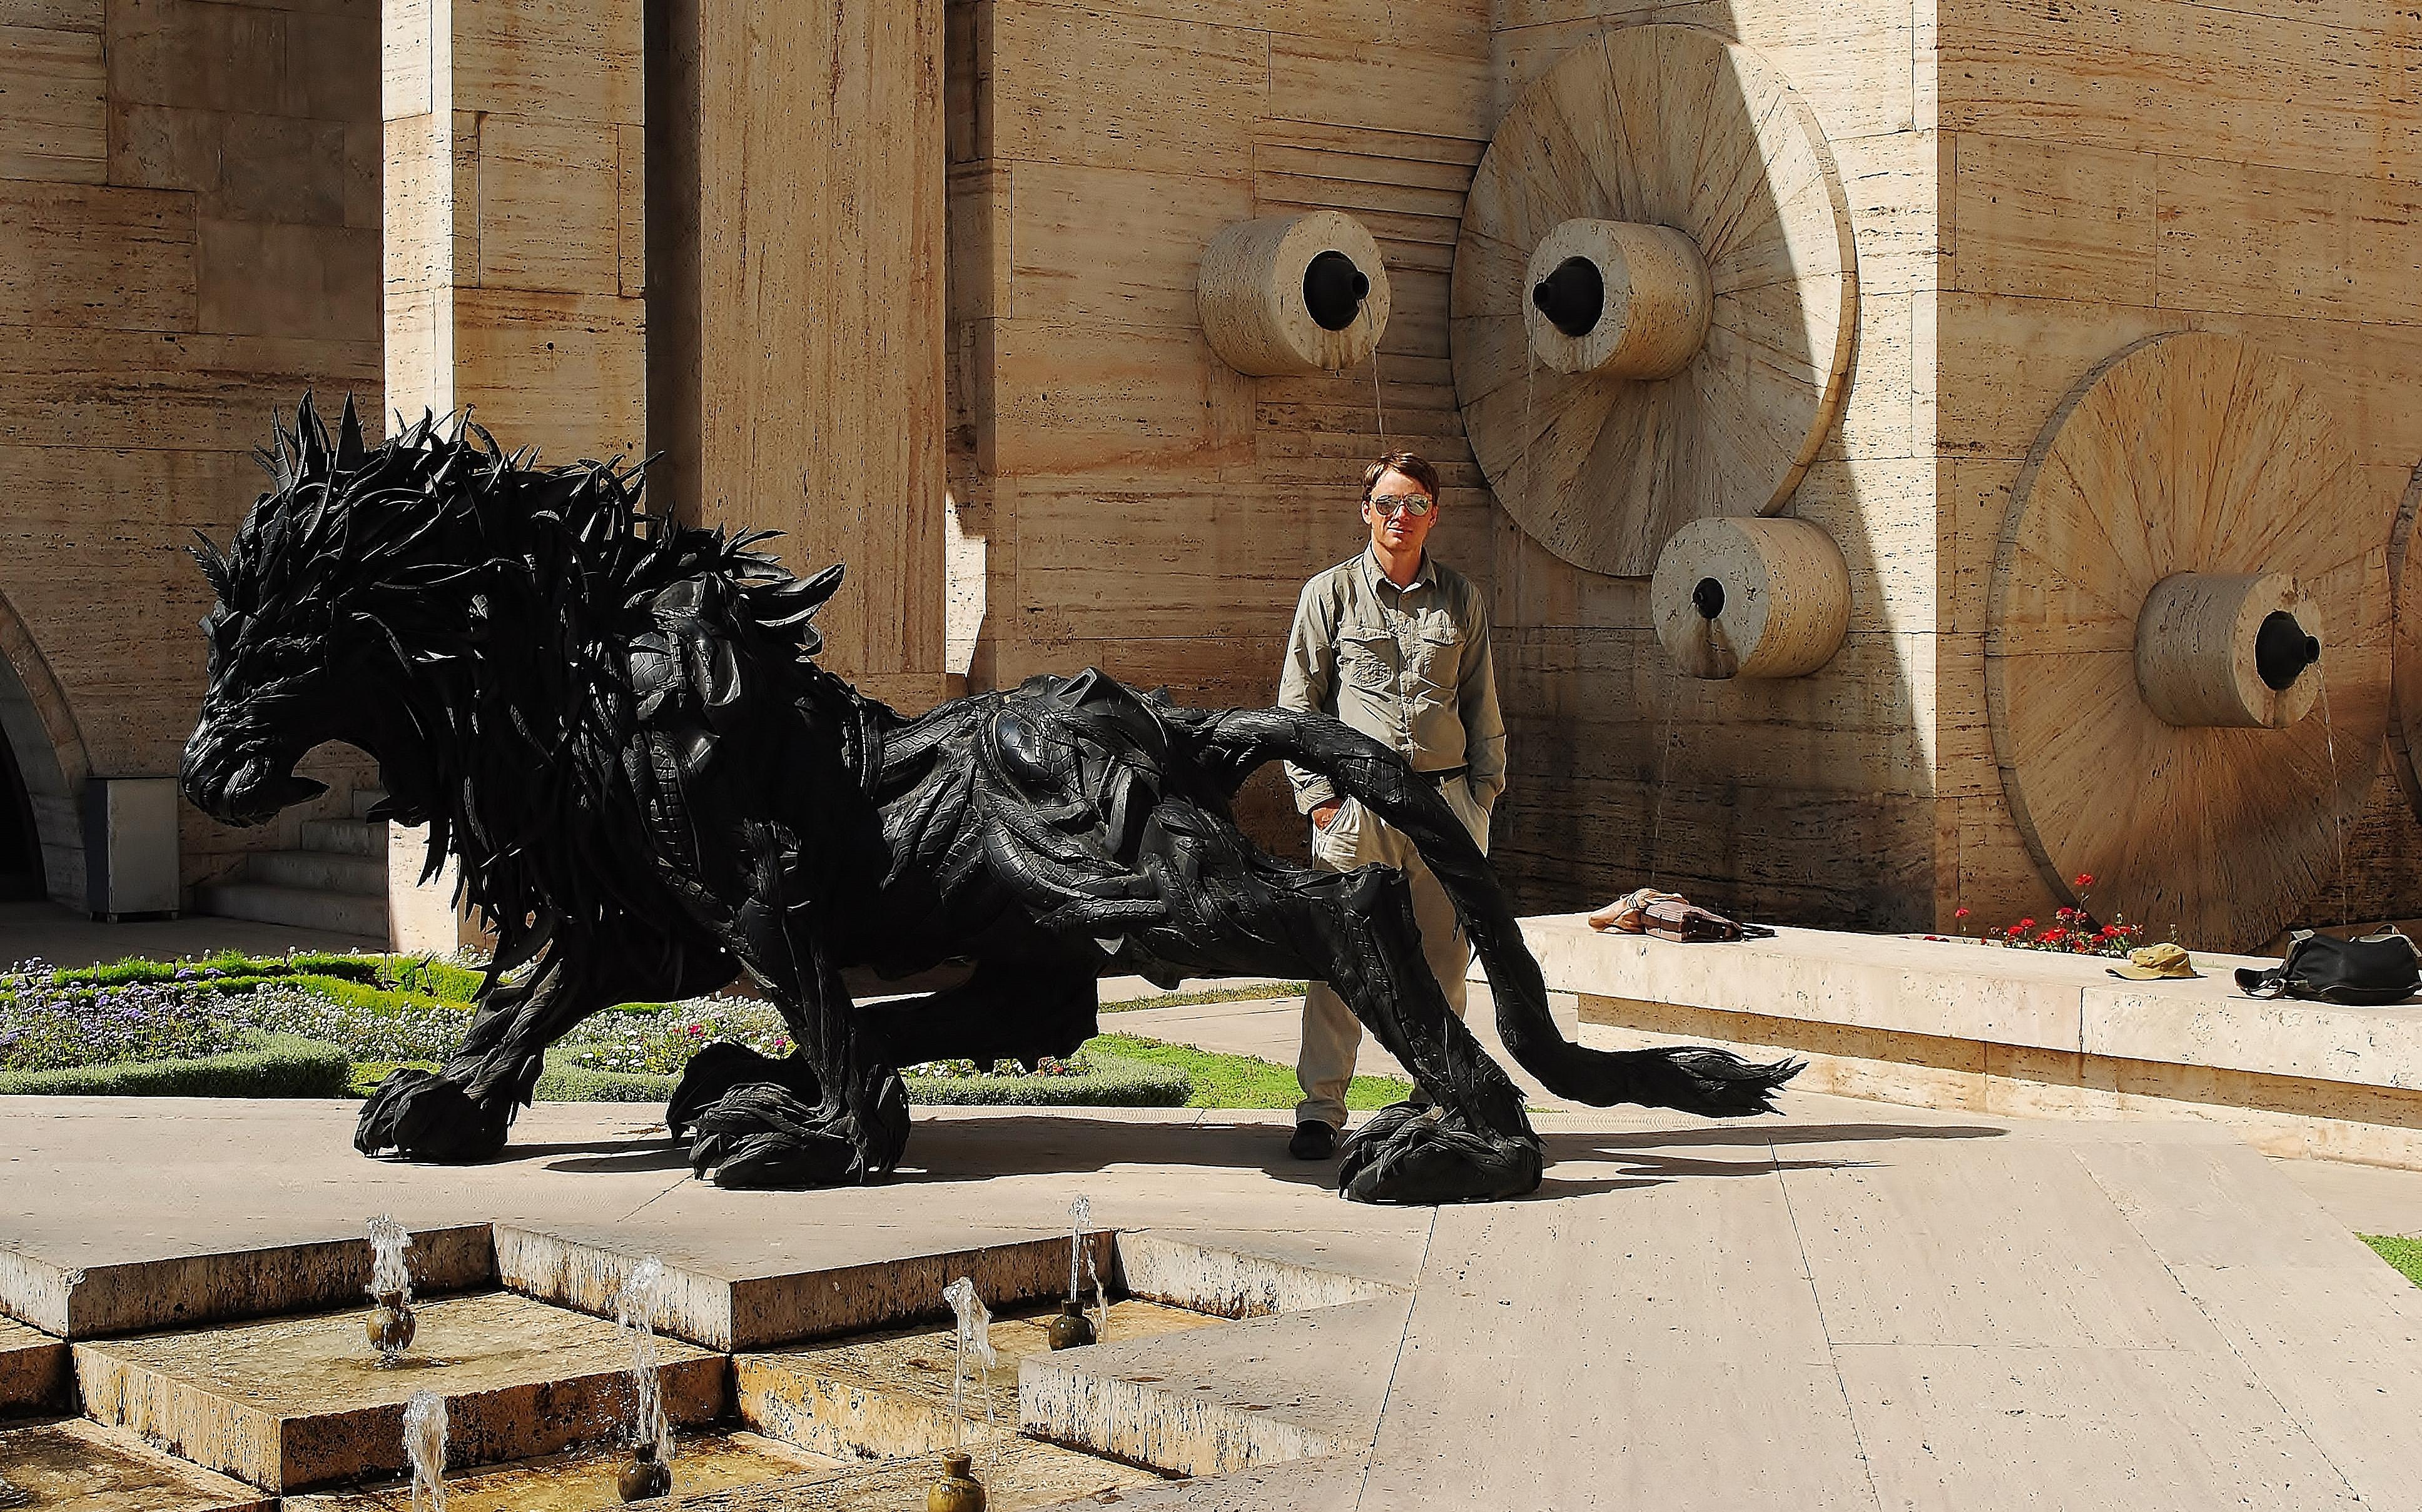 Armenia; Erywań - na Kaskadzie przy figurze lwa wykonanej z opon.